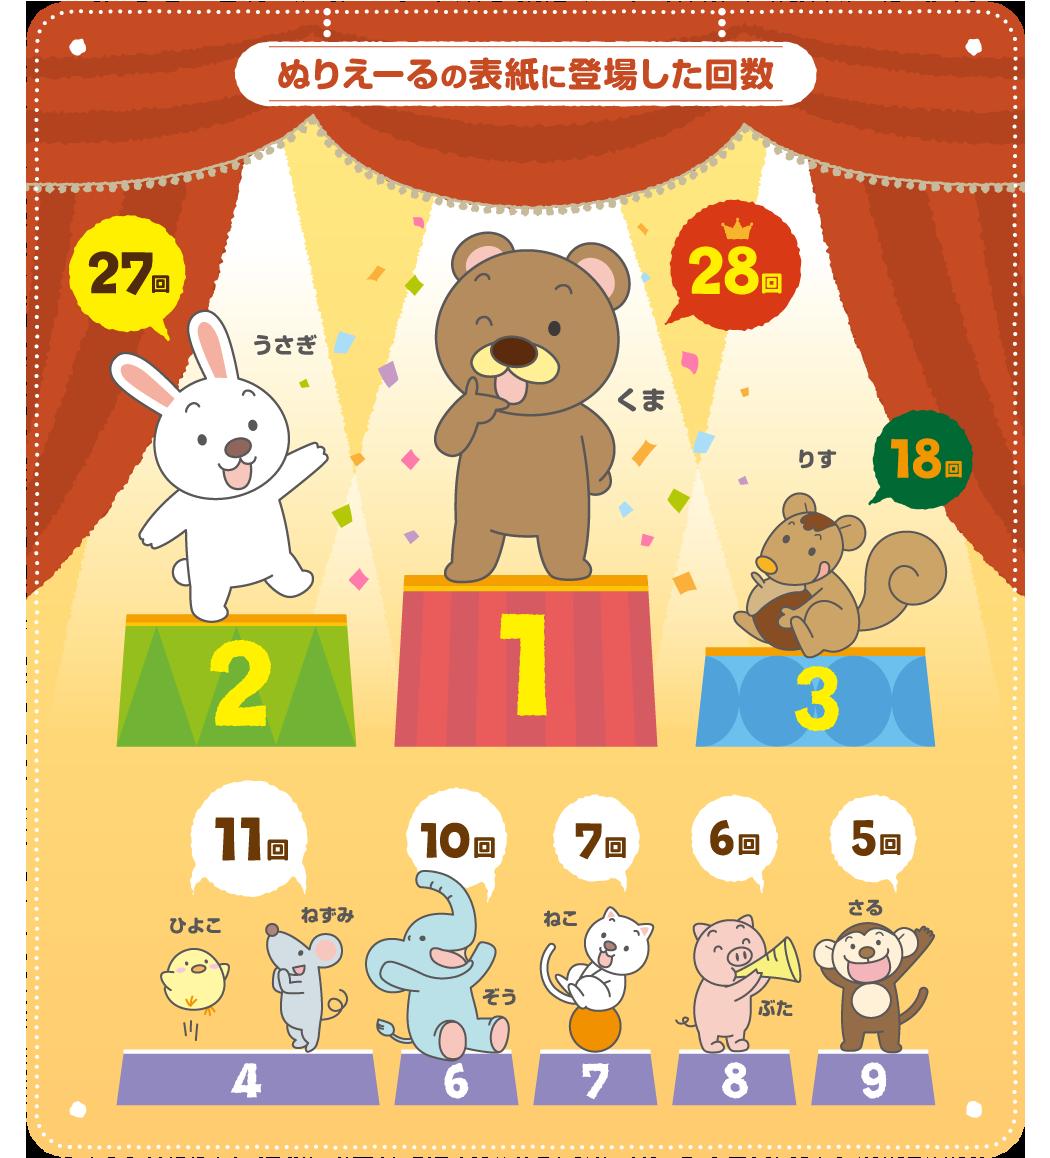 ぬりえーるの表紙に登場した回数 1位くま(28回)2位うさぎ(27回)3位りす(18回)